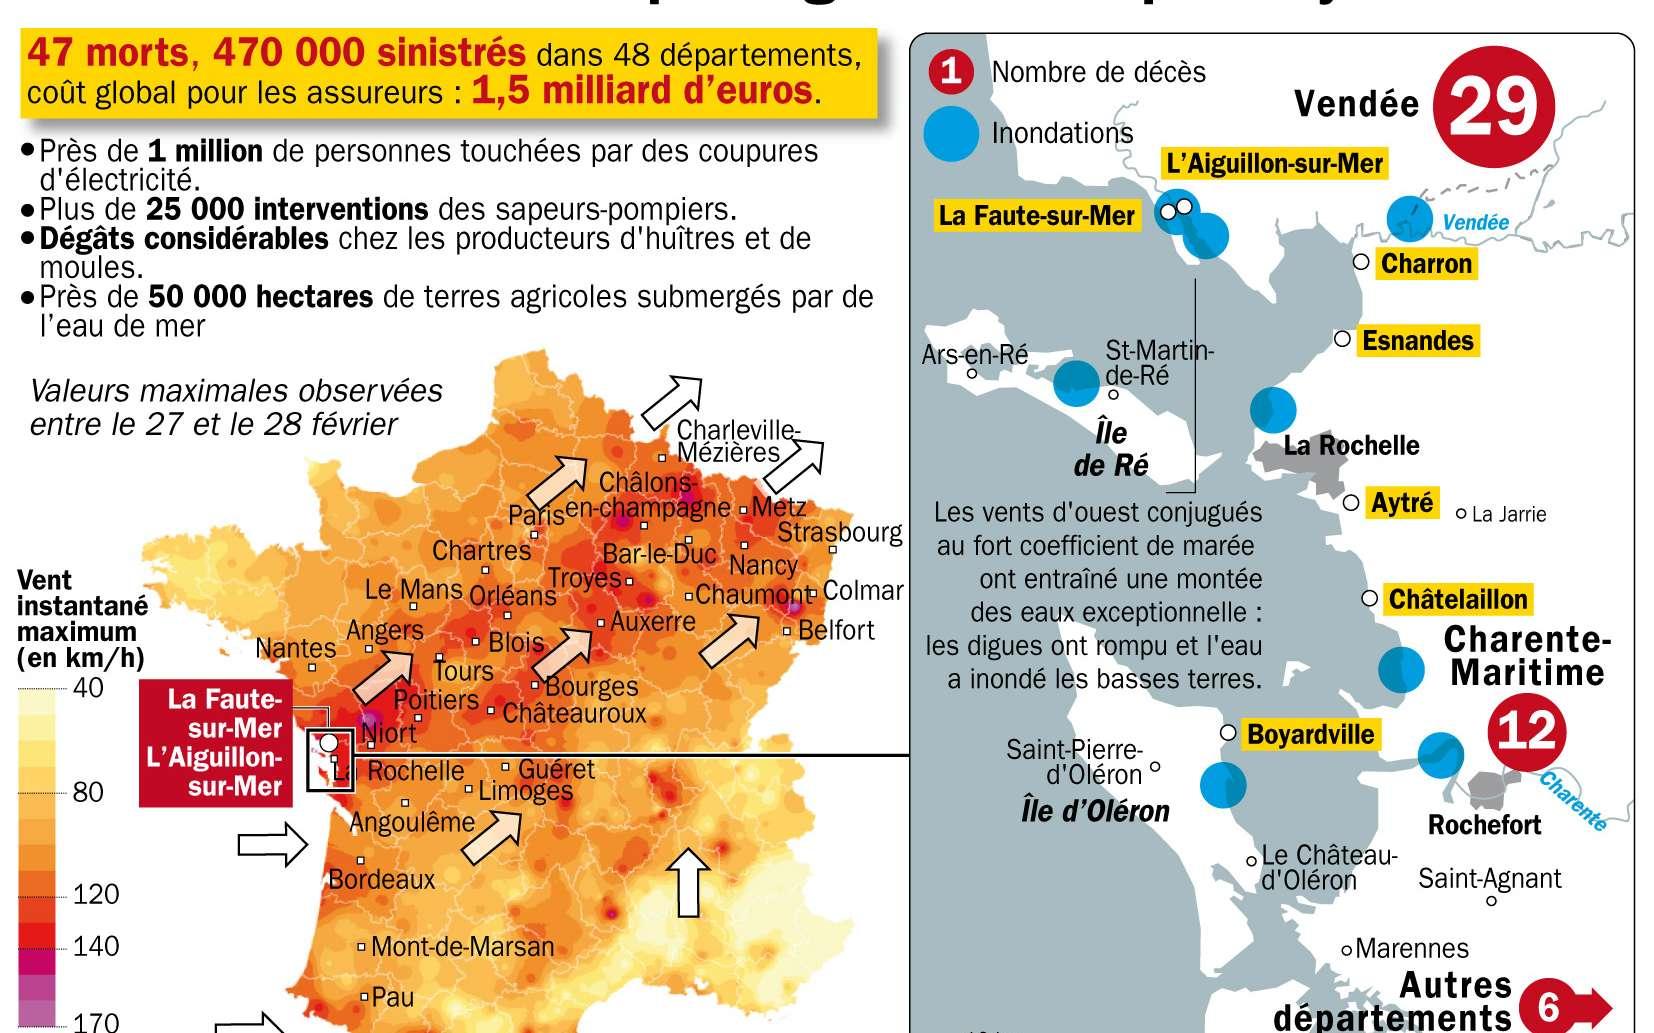 En France, le passage de la tempête Xynthia a fait 47 victimes et a causé d'énormes dégâts, en particulier sur la côte à cause des inondations. © Idé